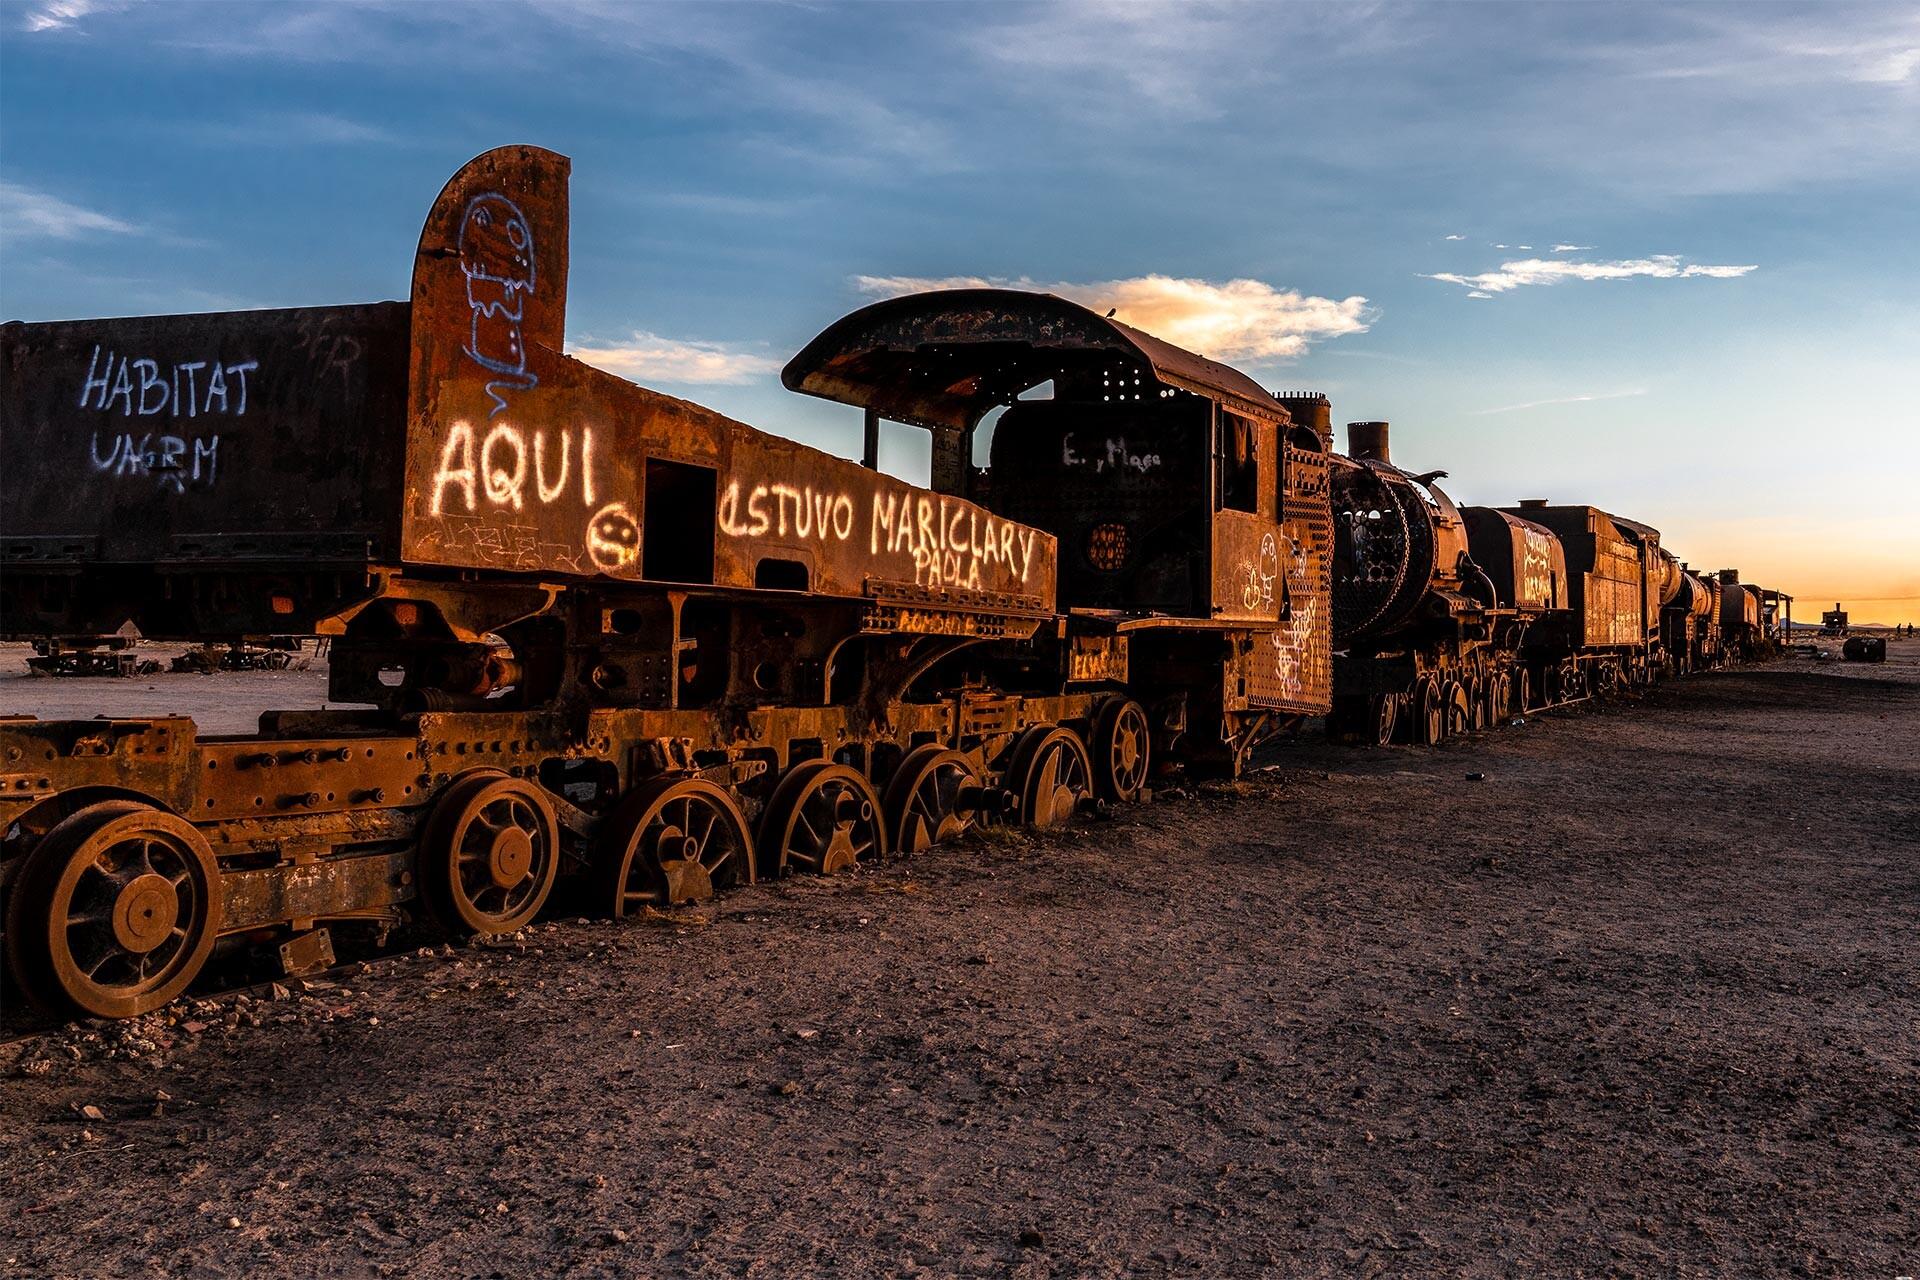 DAS LAND DER EXTREME - BOLIVIEN 2018 - Teil 3: Rostige Lokomotiven und die Flamingo-Invasion